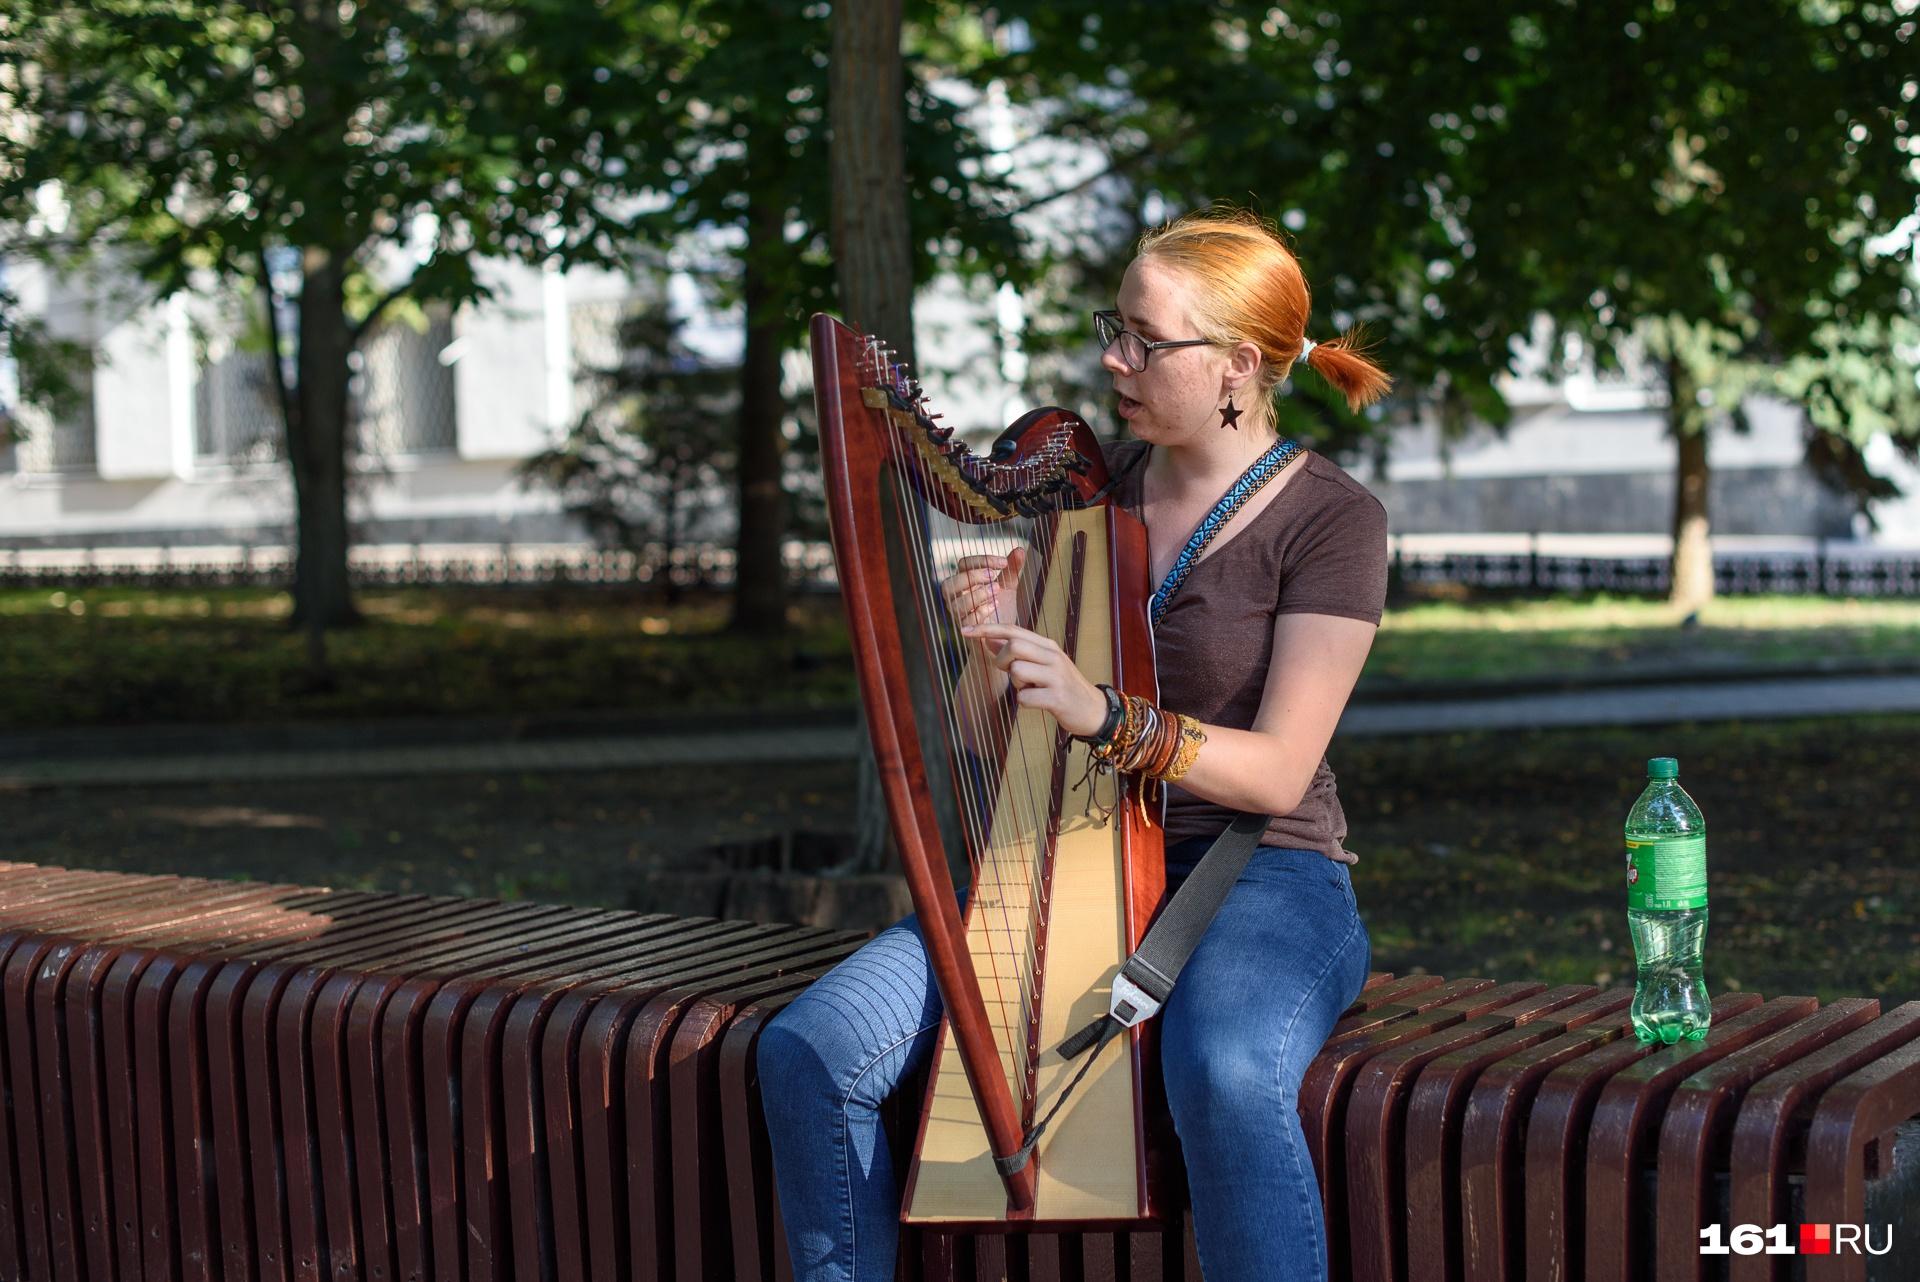 Среди уличных музыкантов есть и мастера академической музыки. Вот арфистка